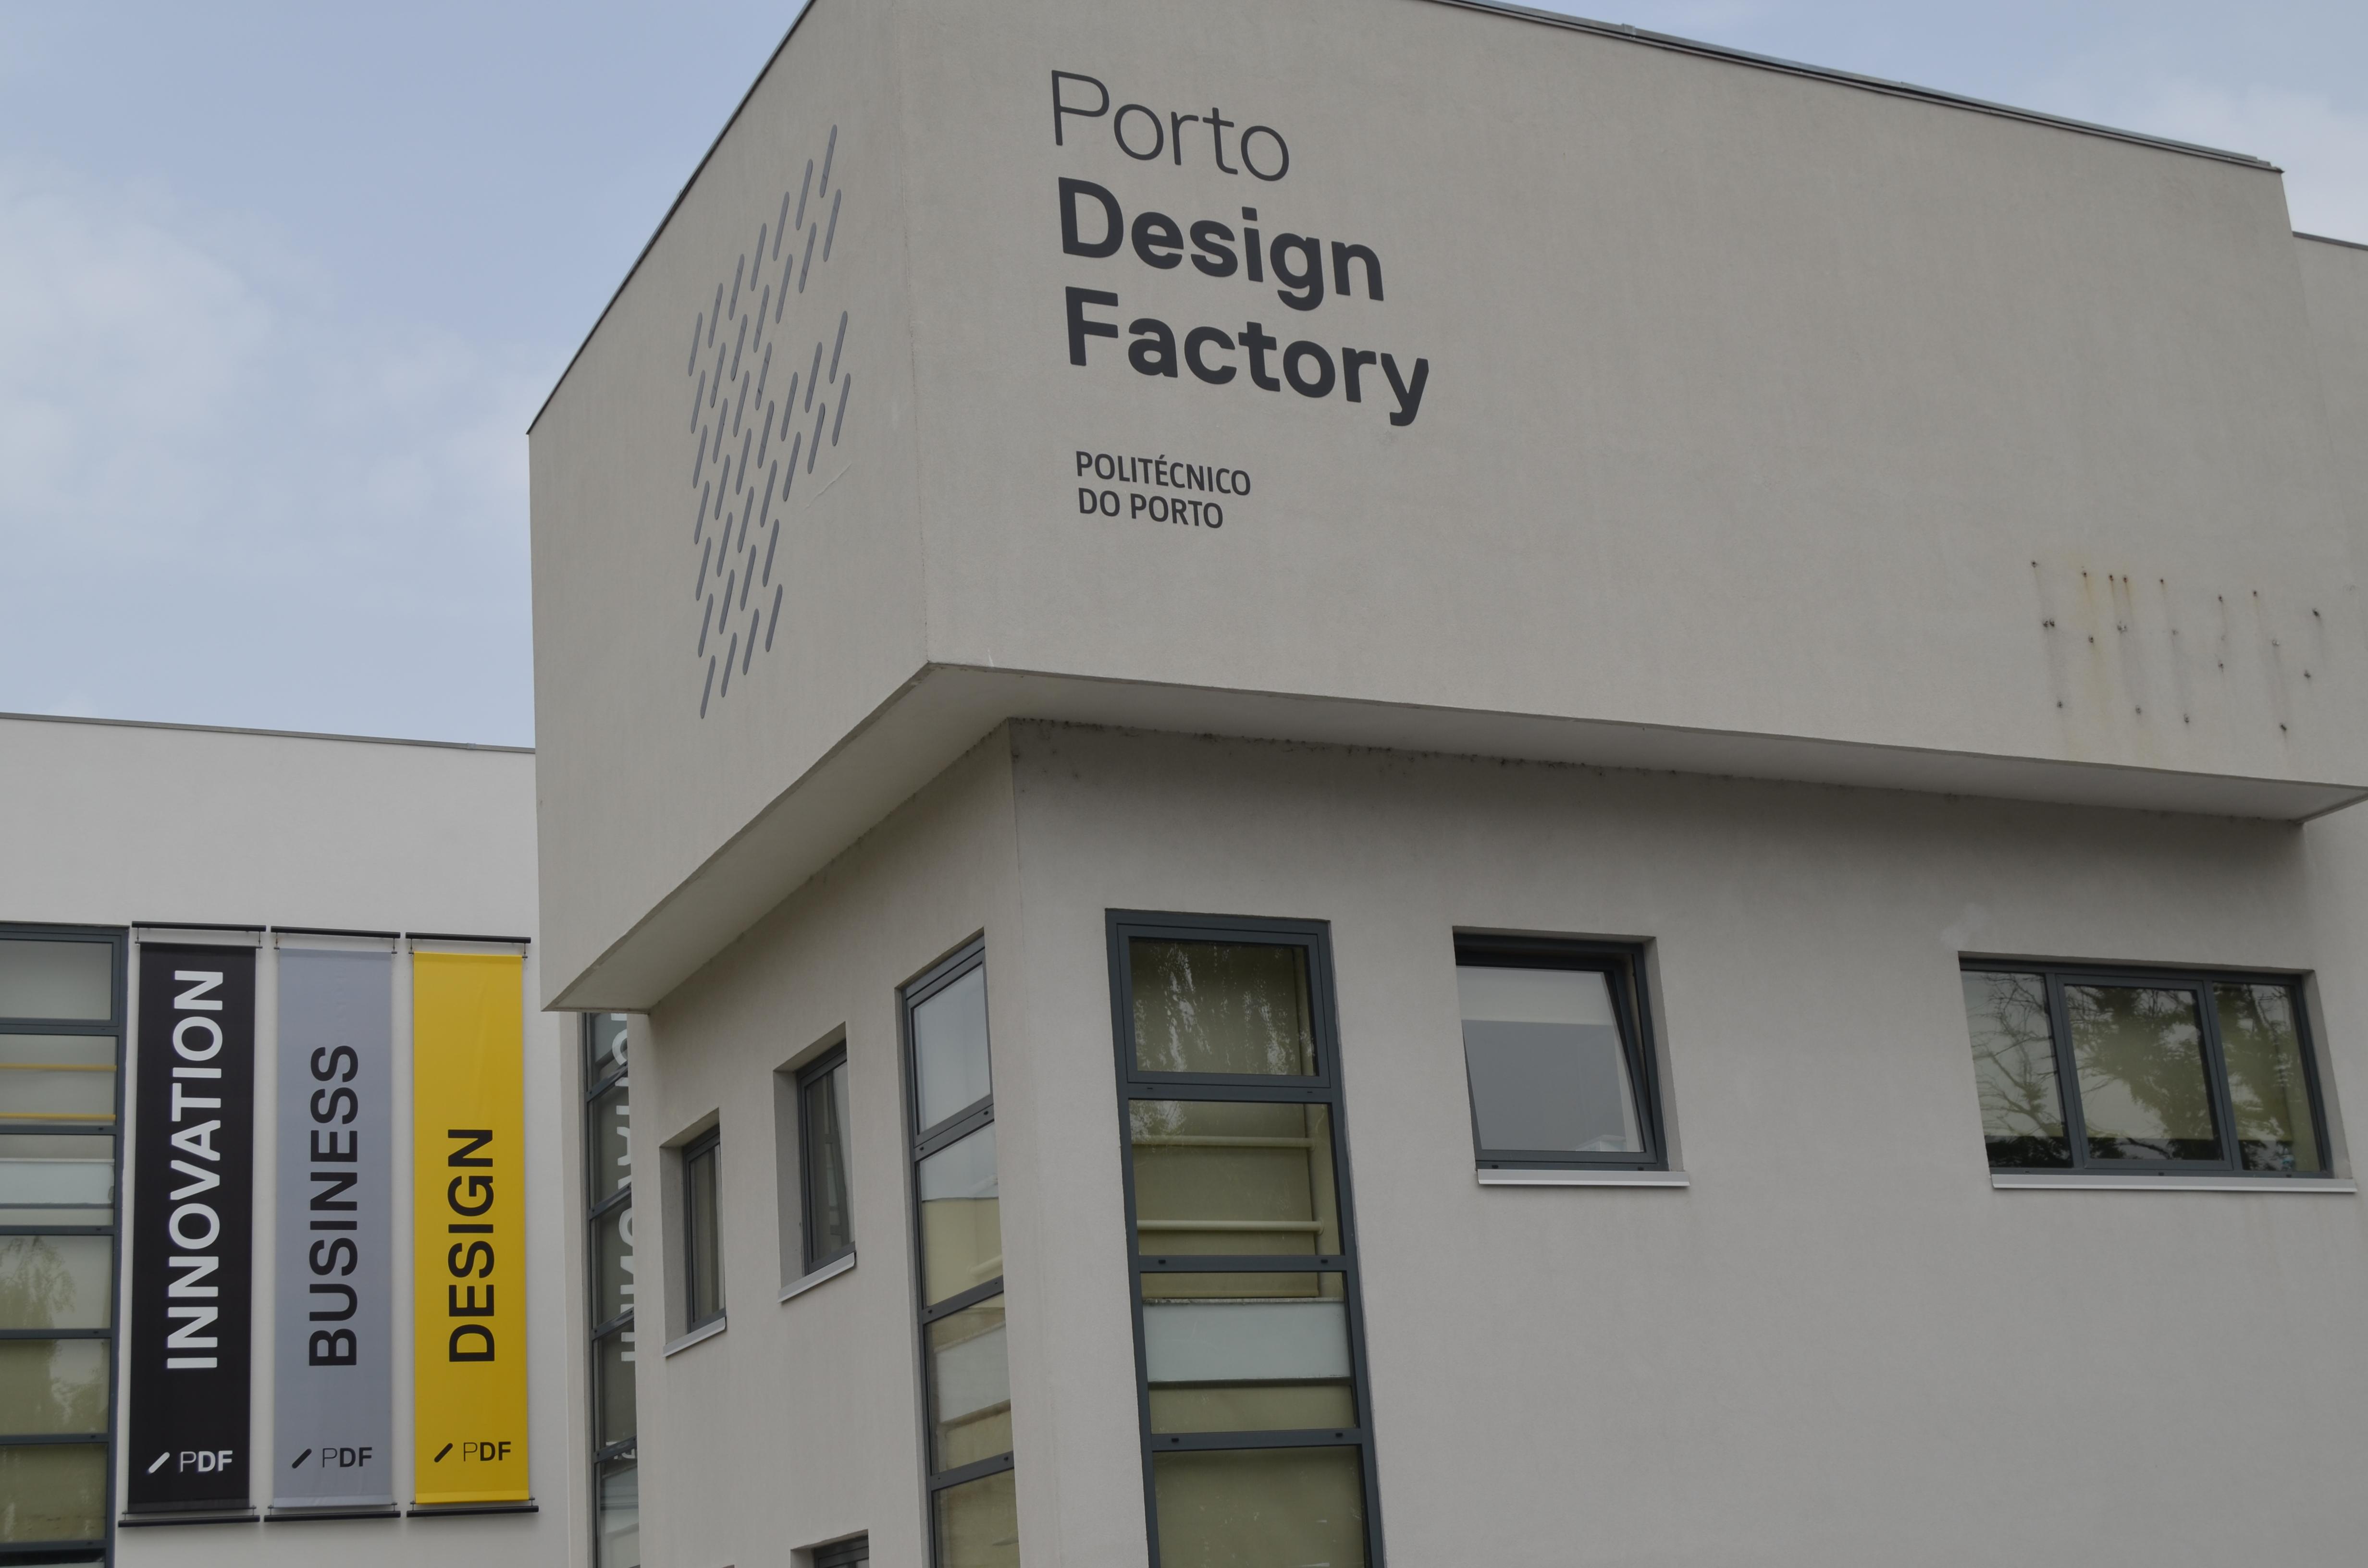 Porto design factory aposta na educa o a partir da paix o for Politecnico design